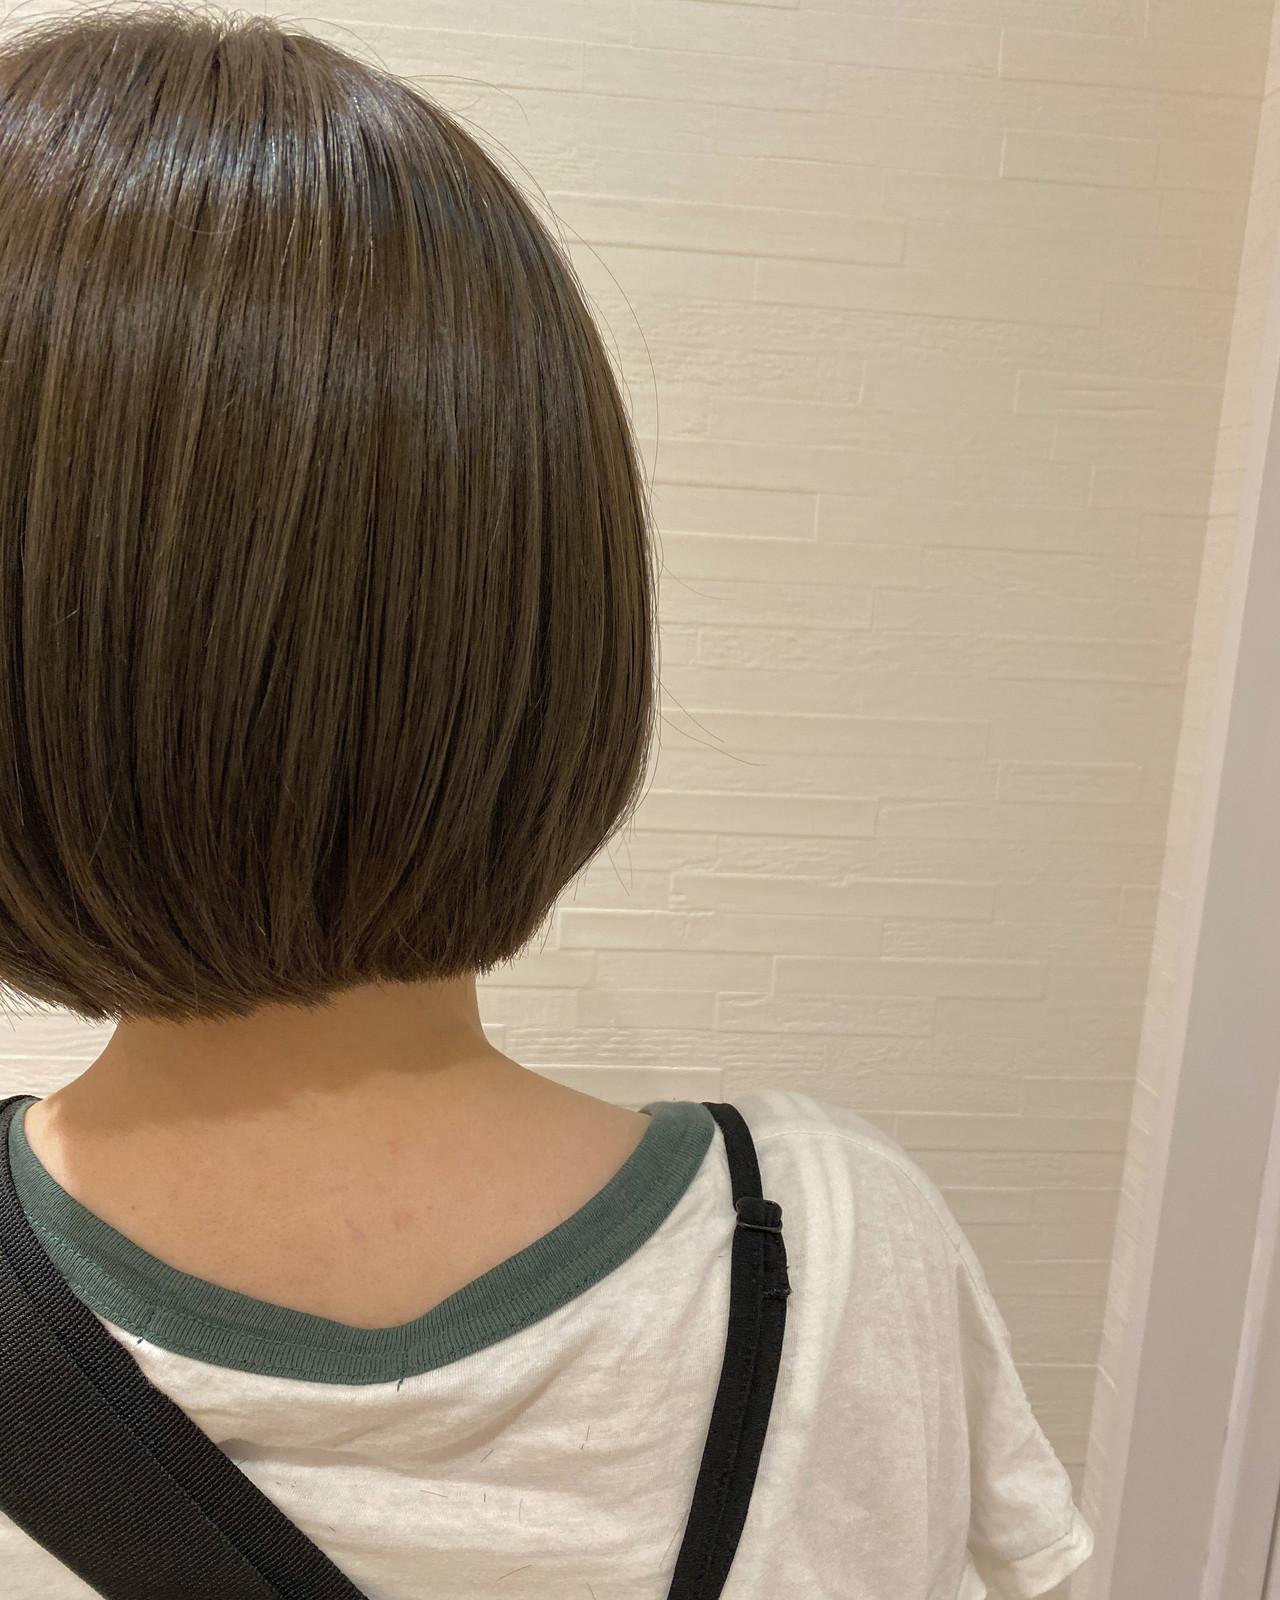 グレージュ ボブ ミニボブ ナチュラル ヘアスタイルや髪型の写真・画像 | 中嶋 緋美香 / VISAGEdio